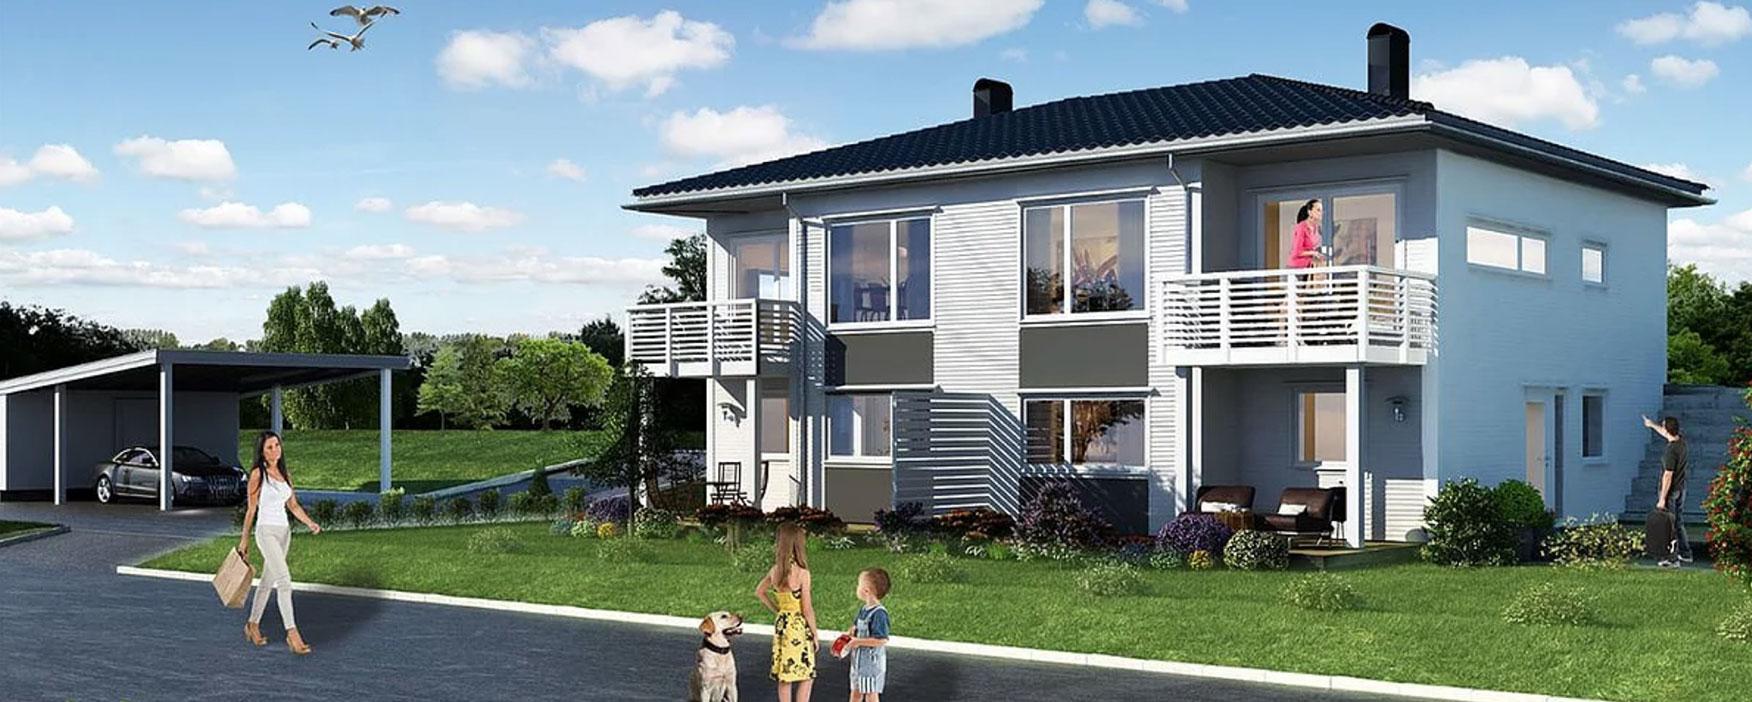 MODERNE TOMANNSBOLIG  Tomannsboligen er planlagt på byggefeltet på Hoffland som er på Ellingsøya i Ålesund kommune. Seksjonen er over to plan og har frittstående carport med sportsbod.